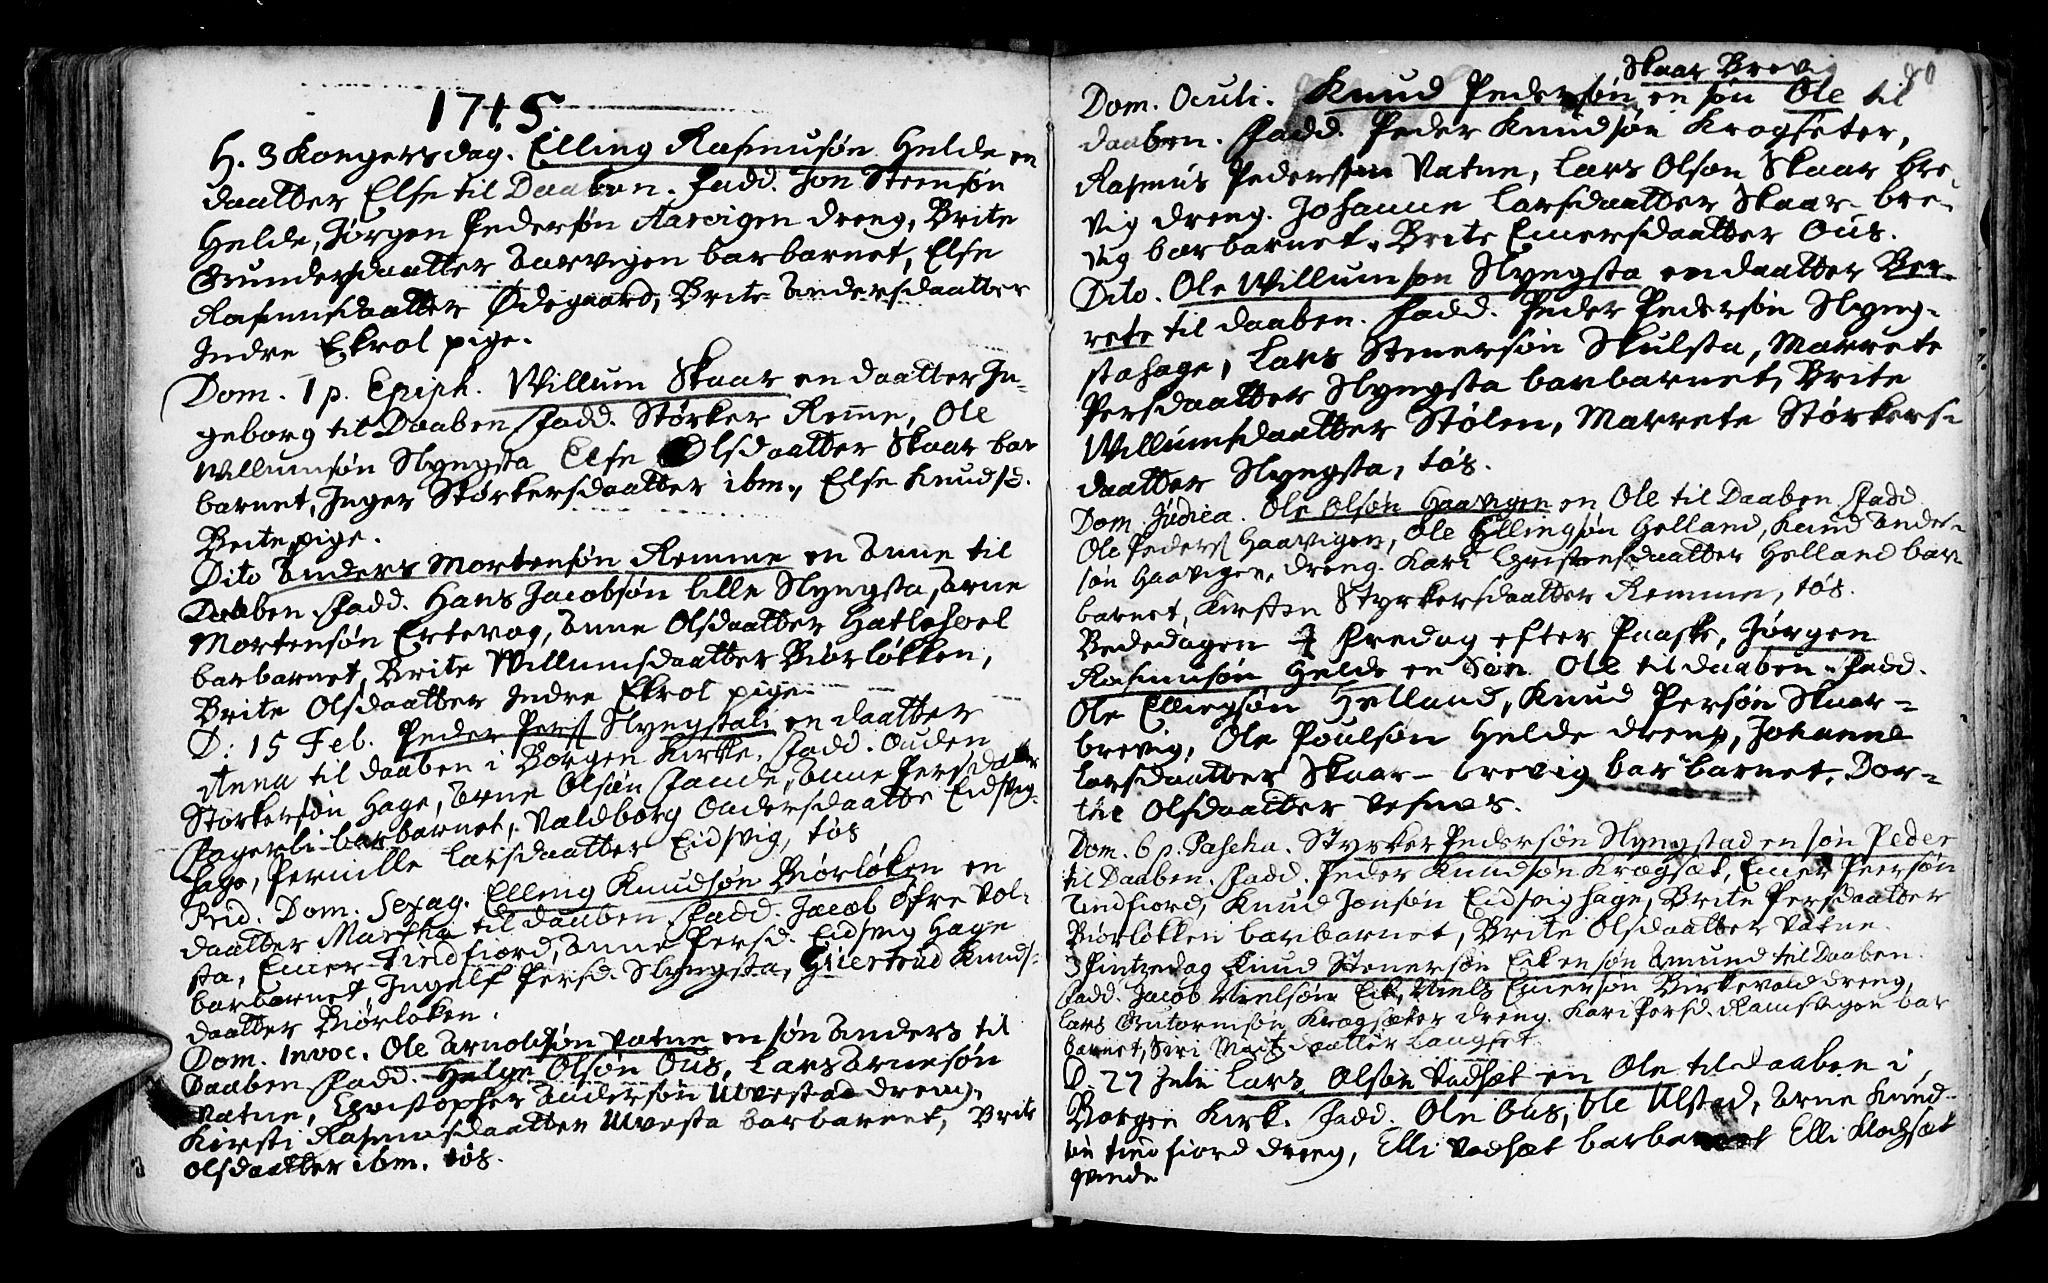 SAT, Ministerialprotokoller, klokkerbøker og fødselsregistre - Møre og Romsdal, 525/L0371: Ministerialbok nr. 525A01, 1699-1777, s. 80